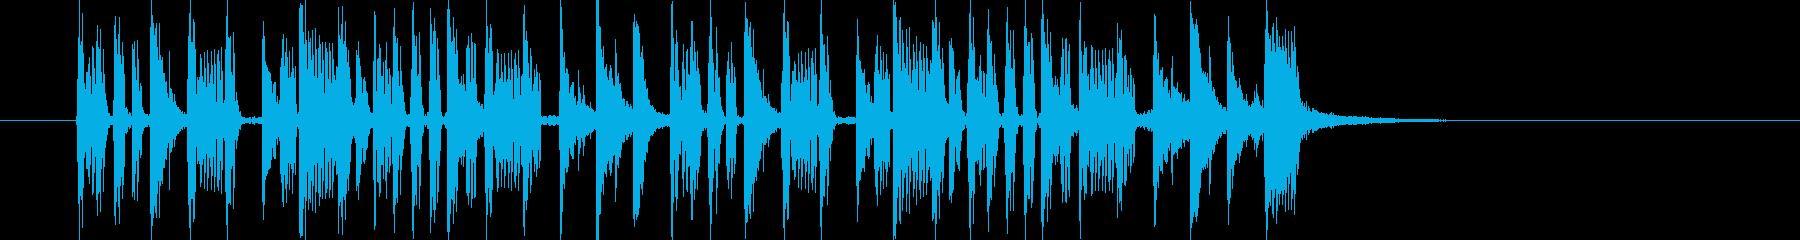 リズミカルでダークなビートジングルの再生済みの波形